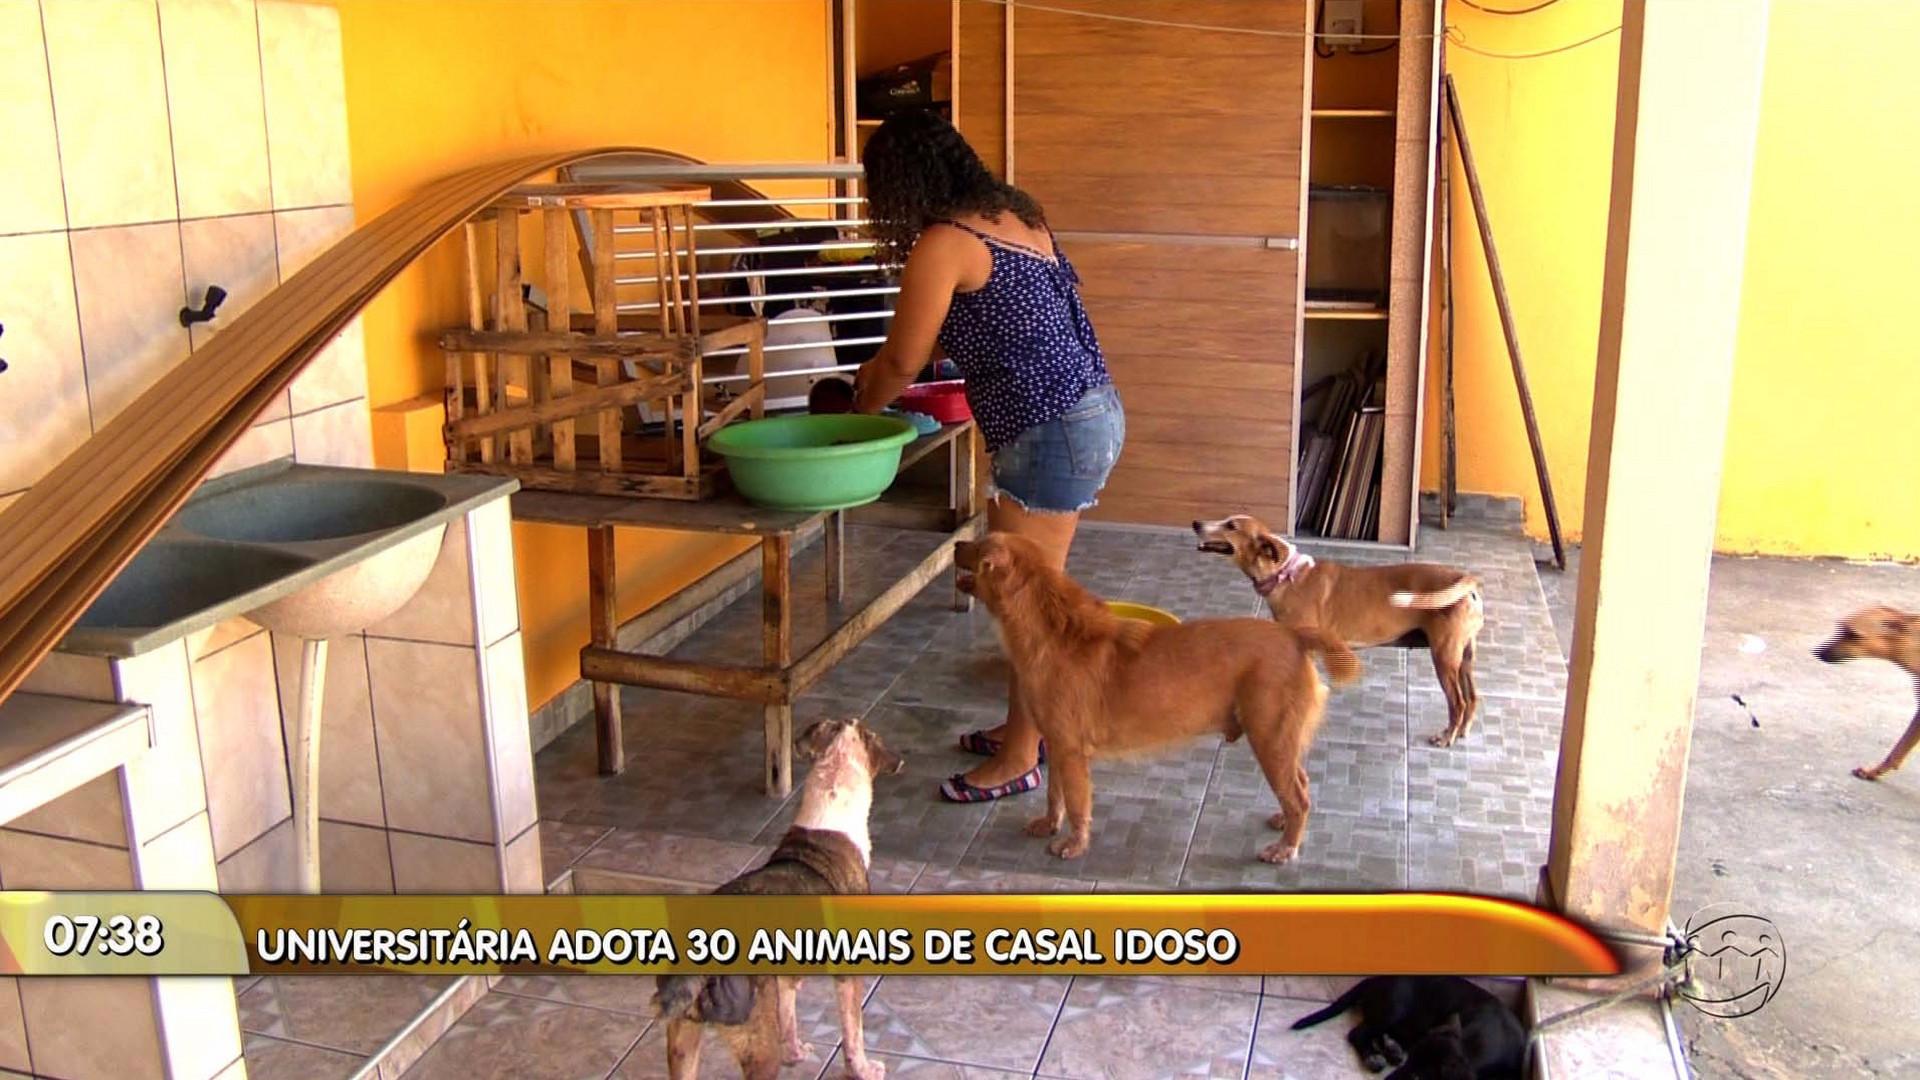 UNIVERSITÁRIA ADOTA 30 ANIMAIS DE CASAL DE IDOSOS - Manhã no Ar 17/11/17